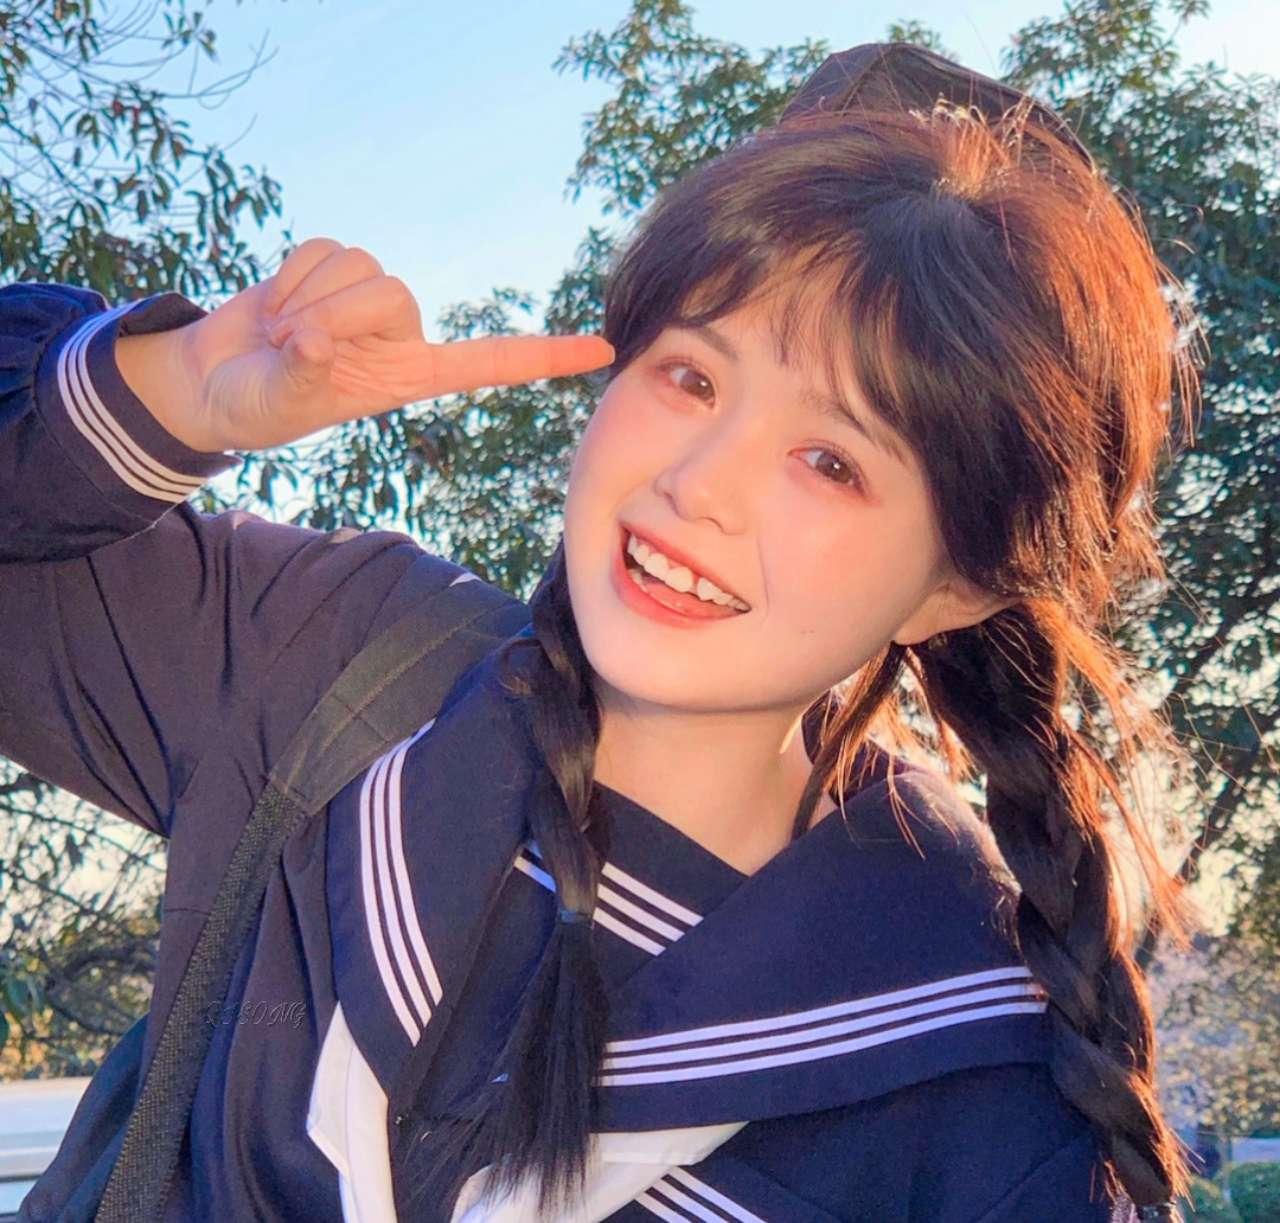 甜美日系女生真人可爱俏皮qq微信头像图片